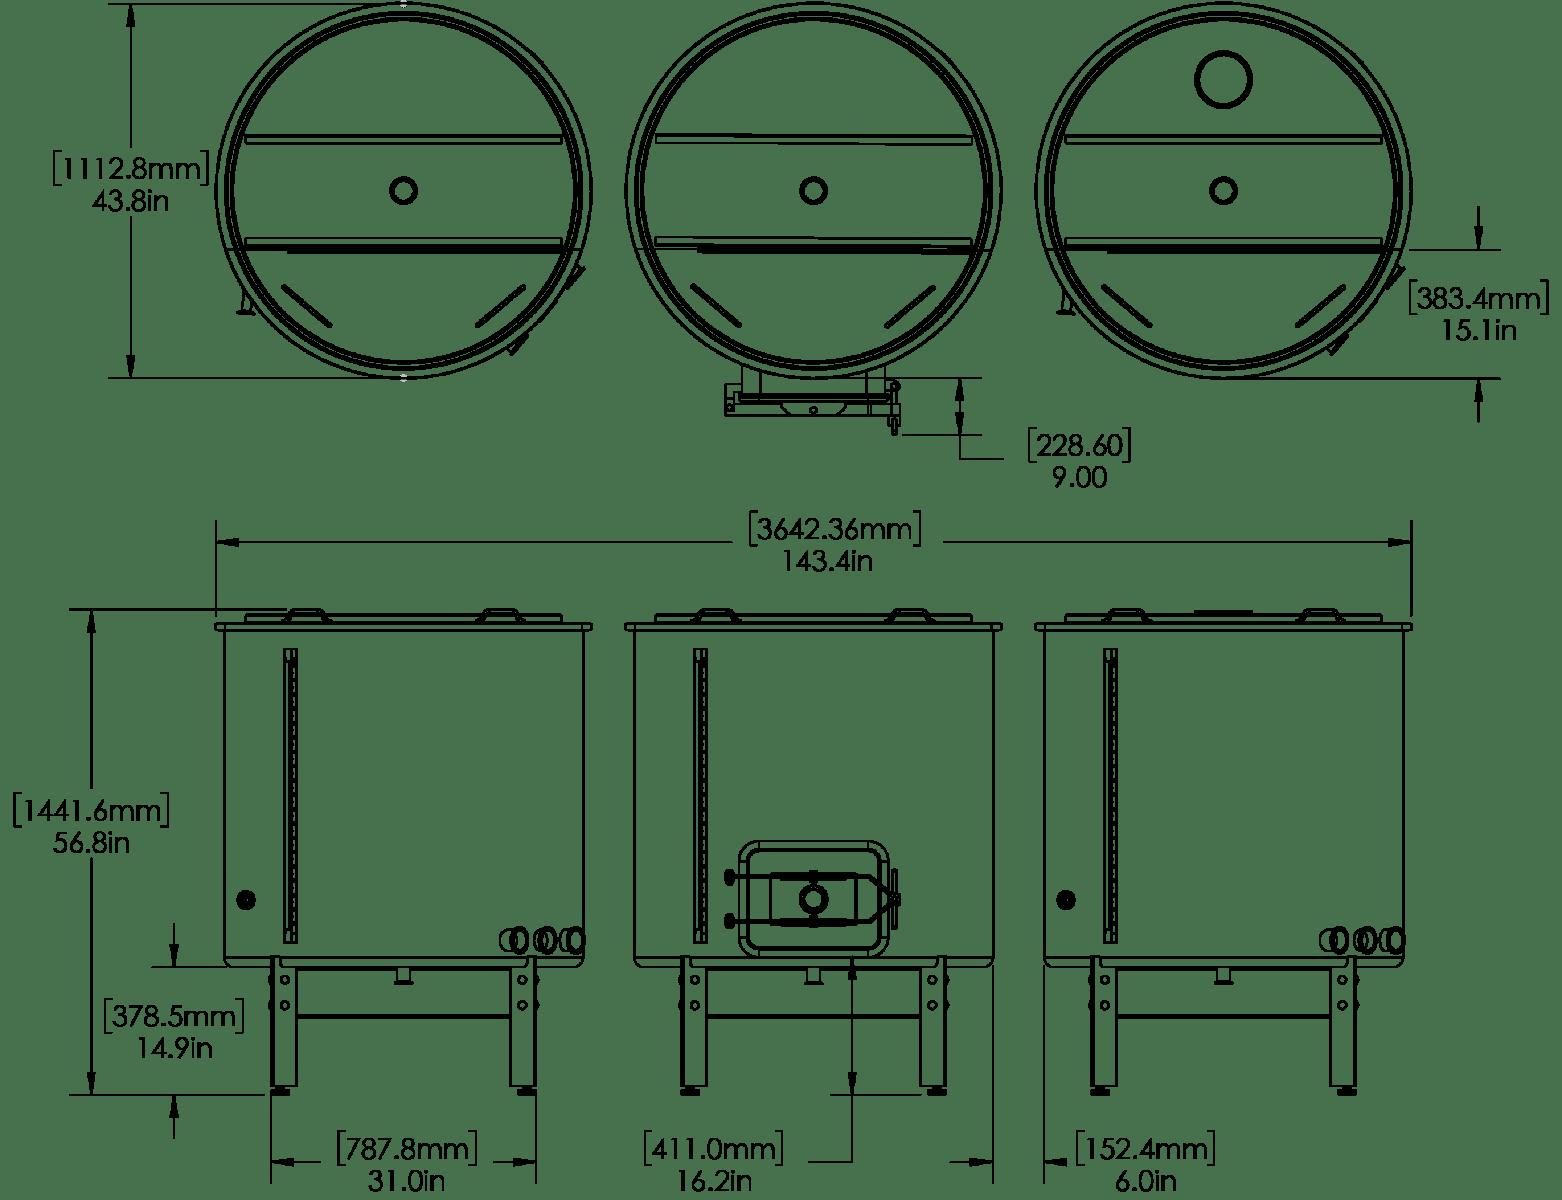 5 Bbl Hybrid Brewhouse